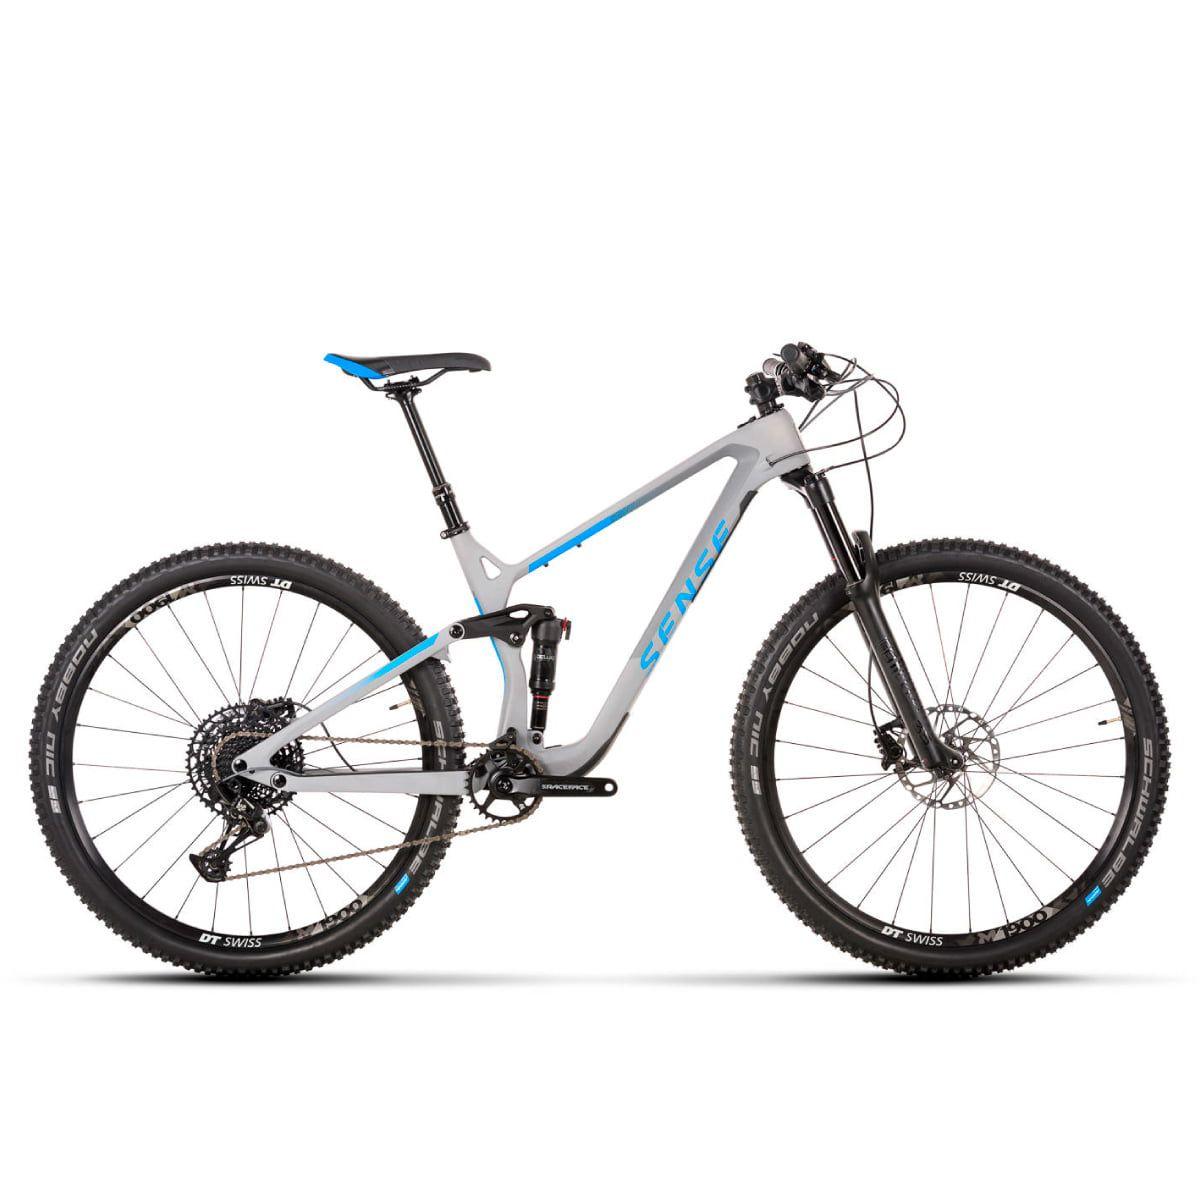 Bike Sense Exalt Comp 2020 Full Supension Sram Eagle NX 12v